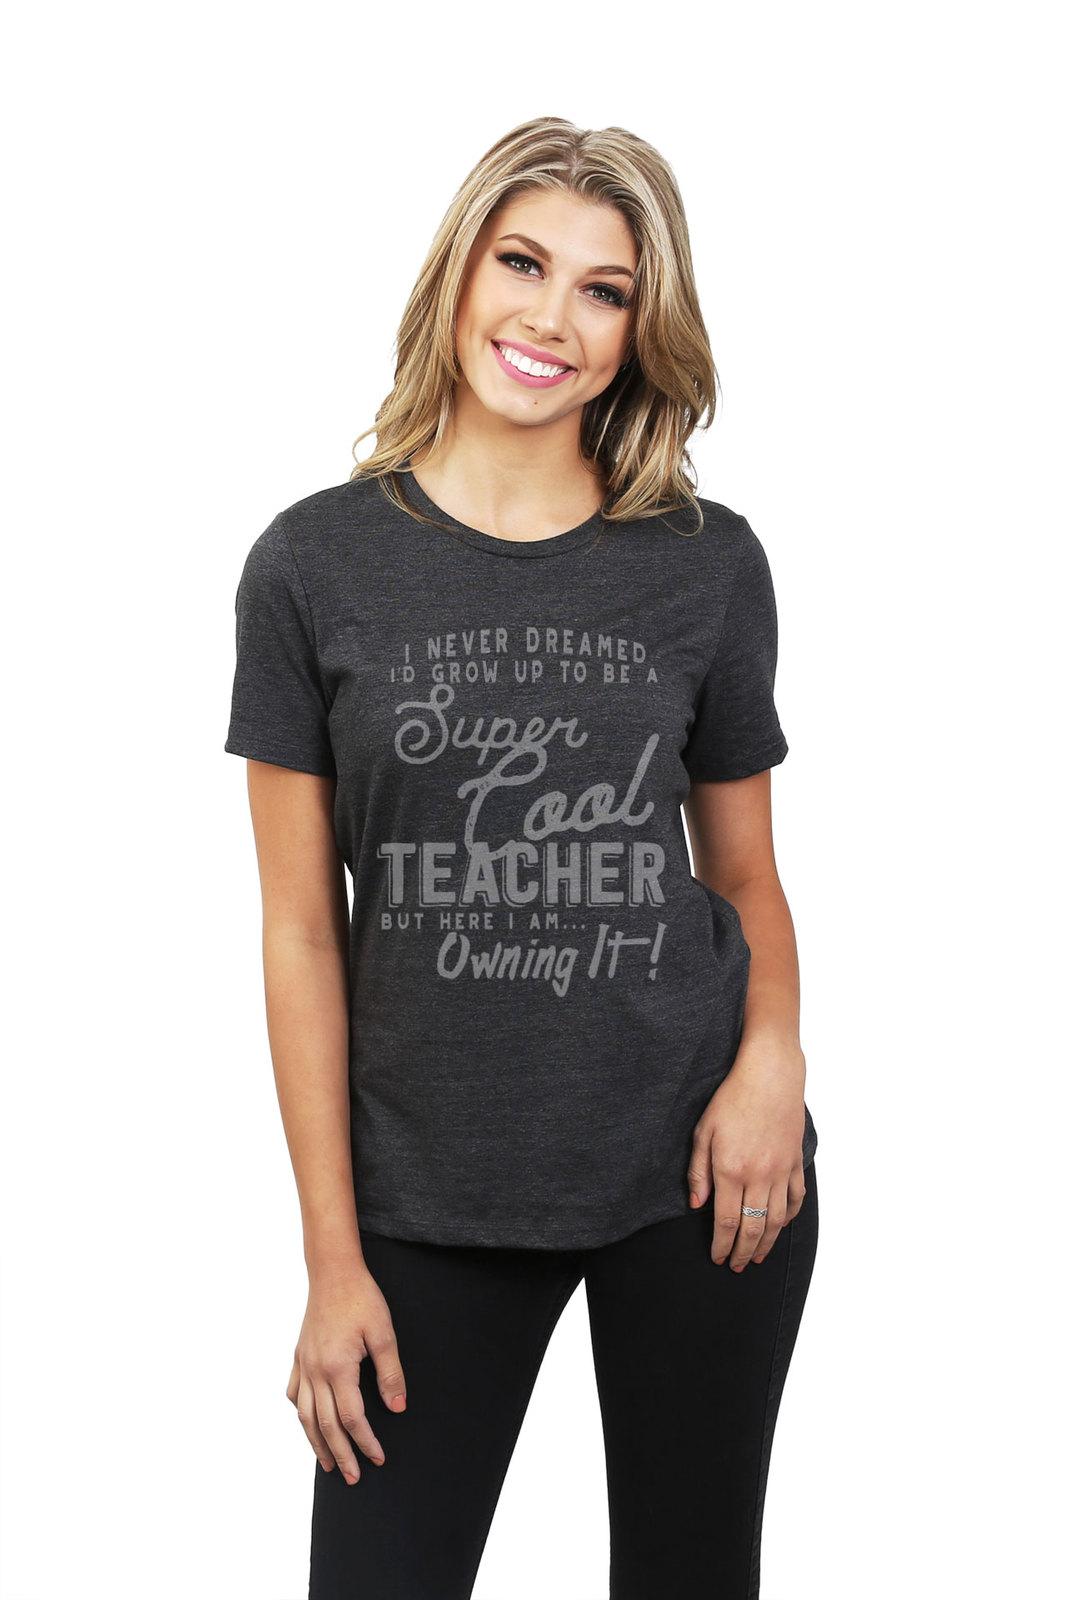 Thread Tank Super Cool Teacher Women's Relaxed T-Shirt Tee Charcoal Grey